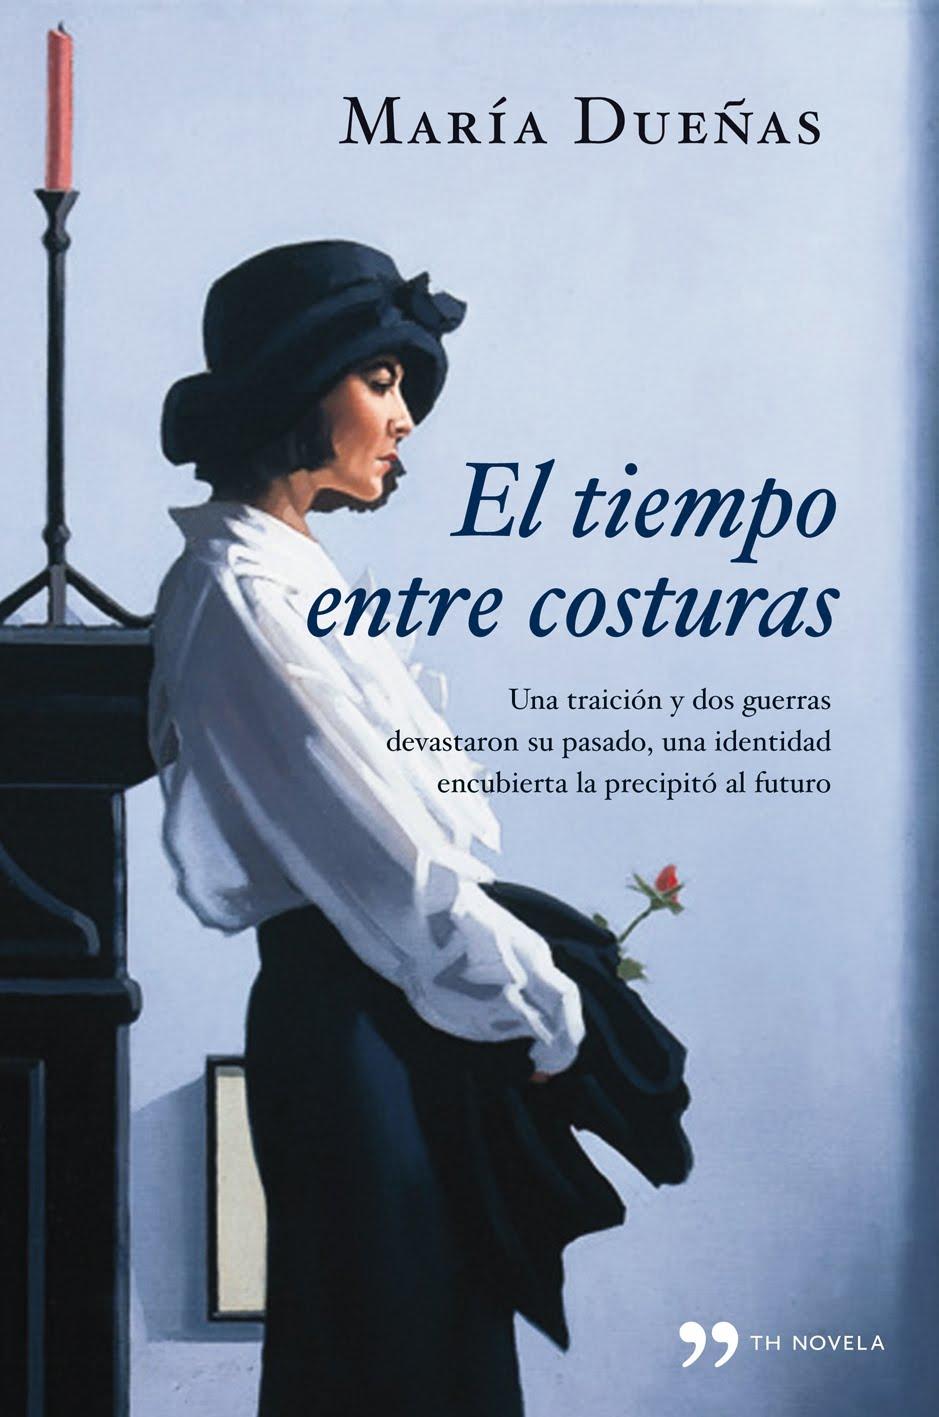 EL TIEMPO ENTRE COSTURAS. María Dueñas. Novela. Temas de Hoy